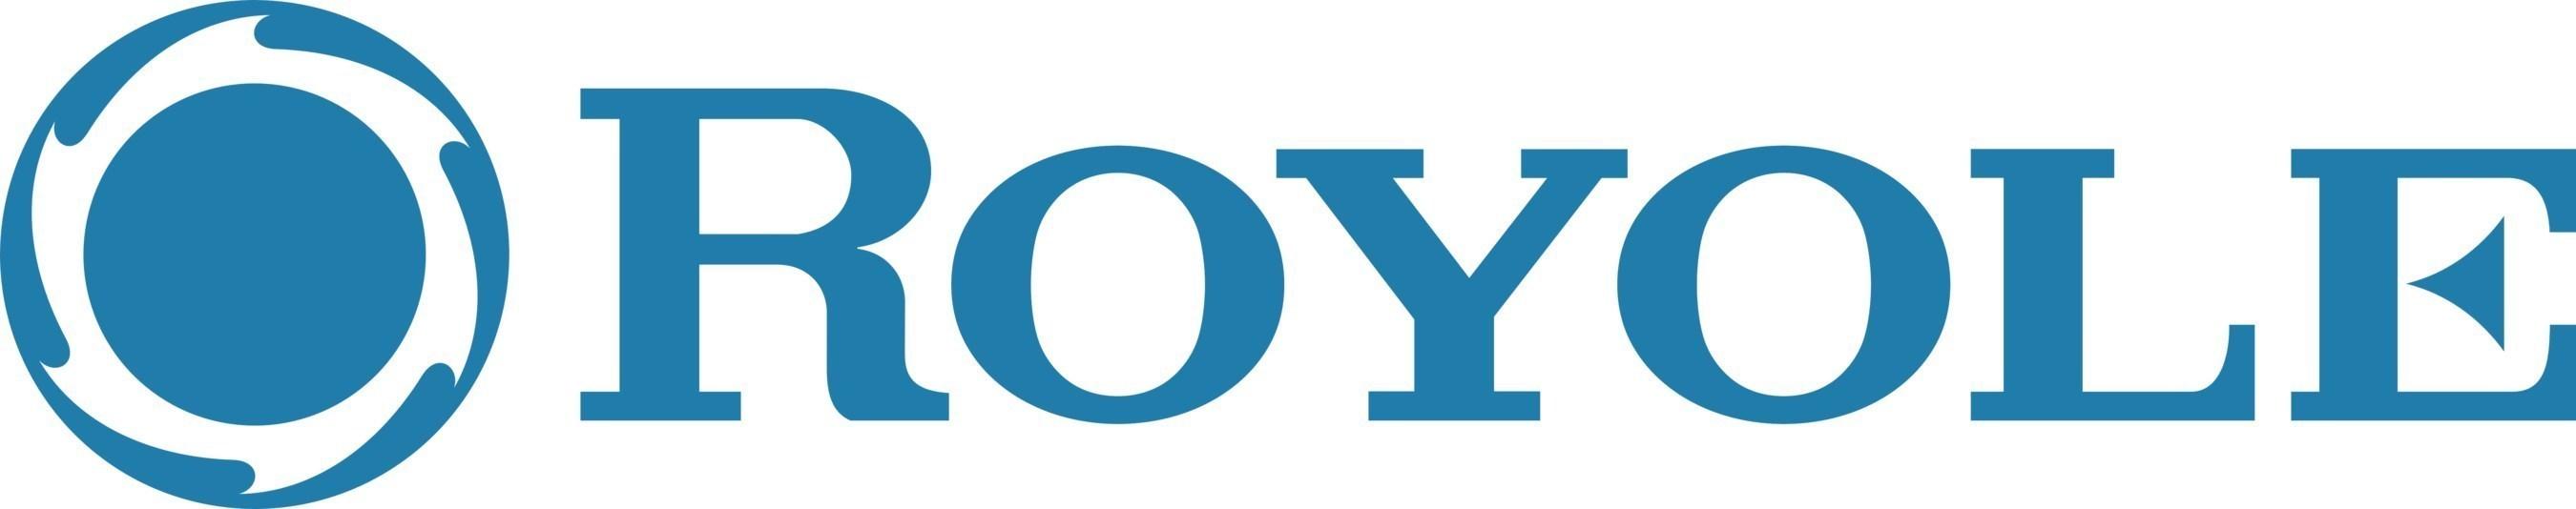 Royole Corporation Logo